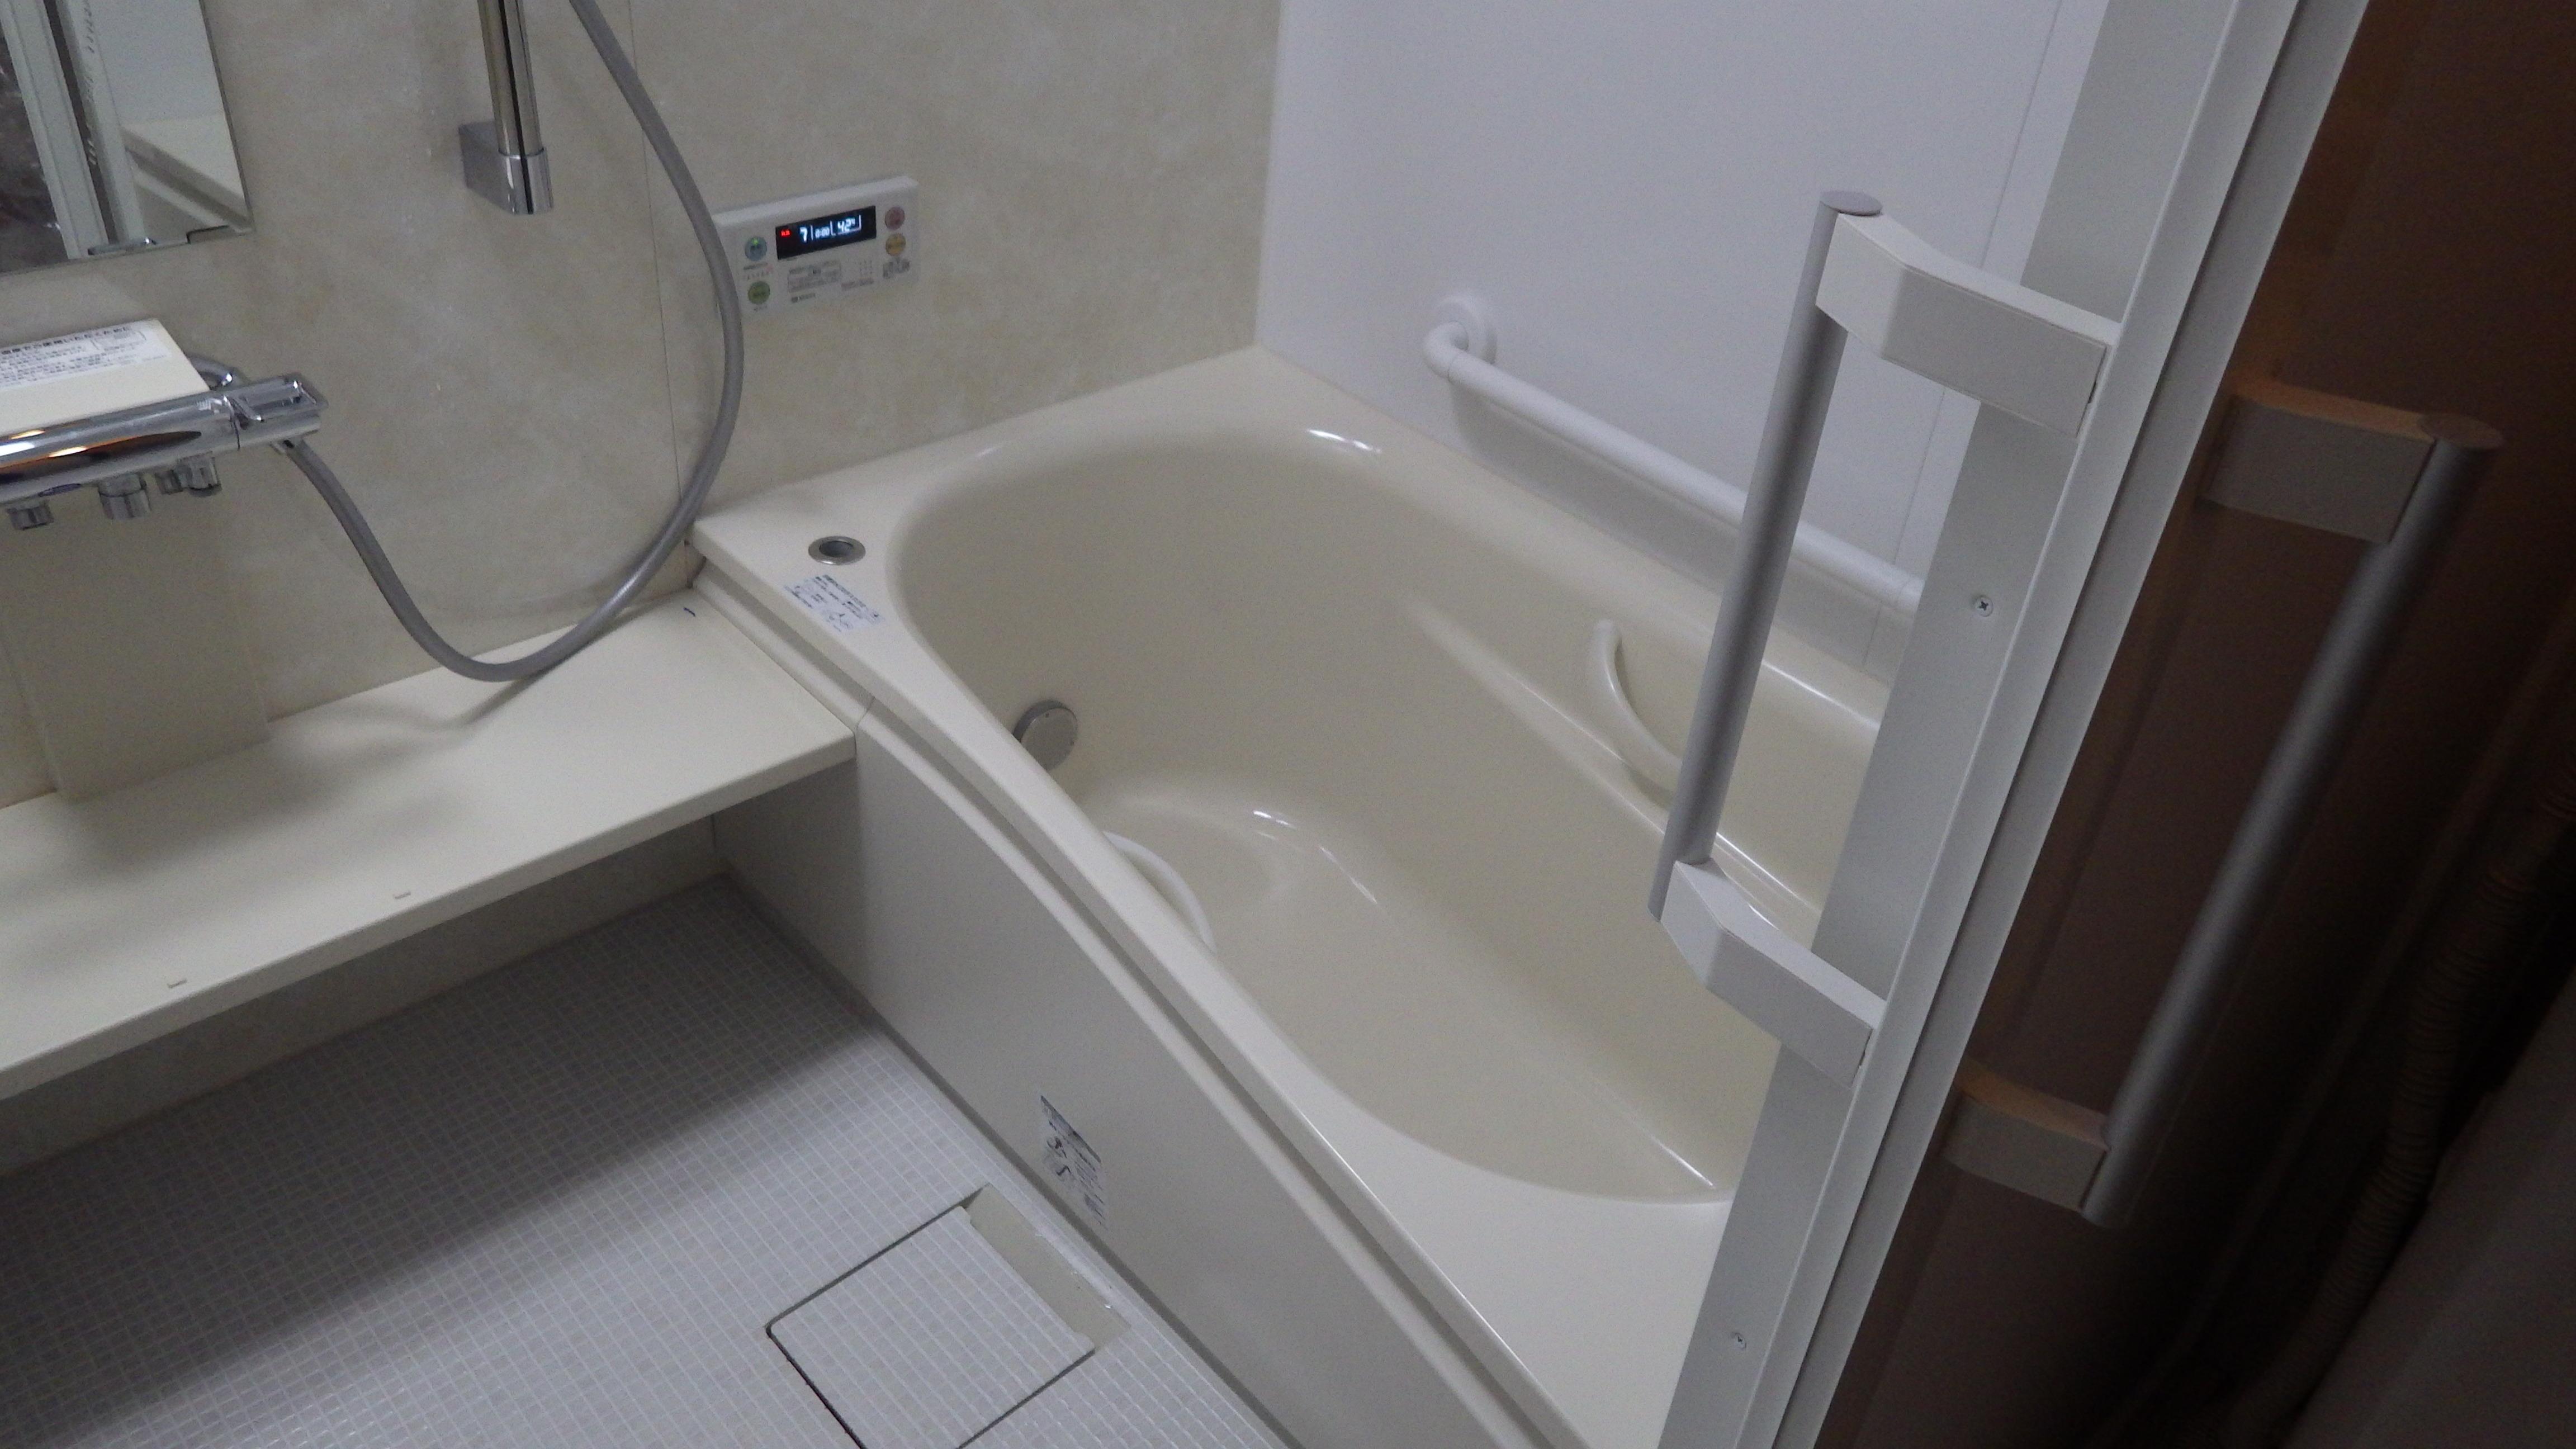 浴室・洗面脱衣室改修工事(秋田県・秋田市補助金制度利用で合計20万円受けました)